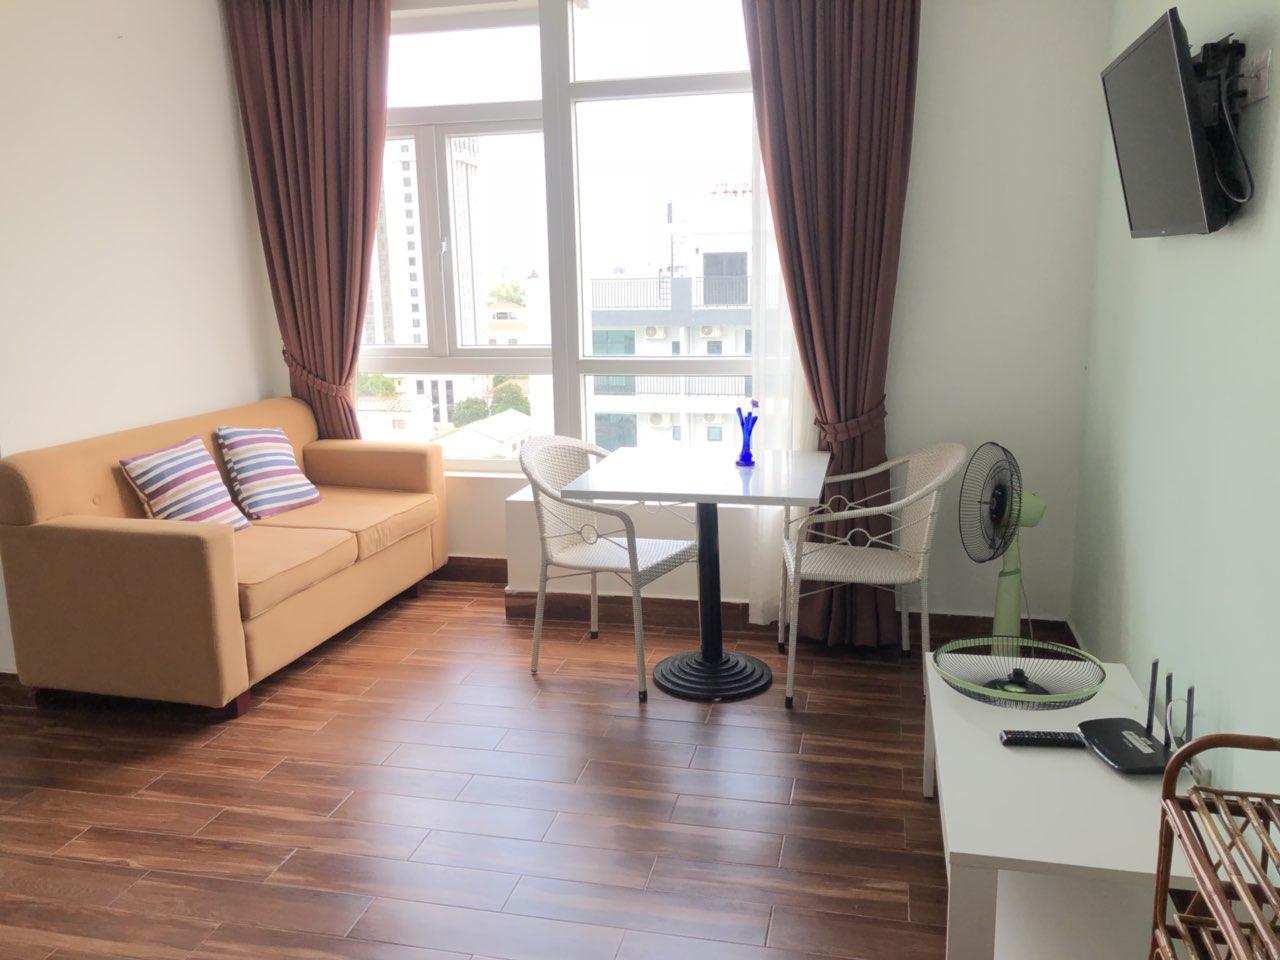 公寓 白色河分区 靠近永旺、金界 1房